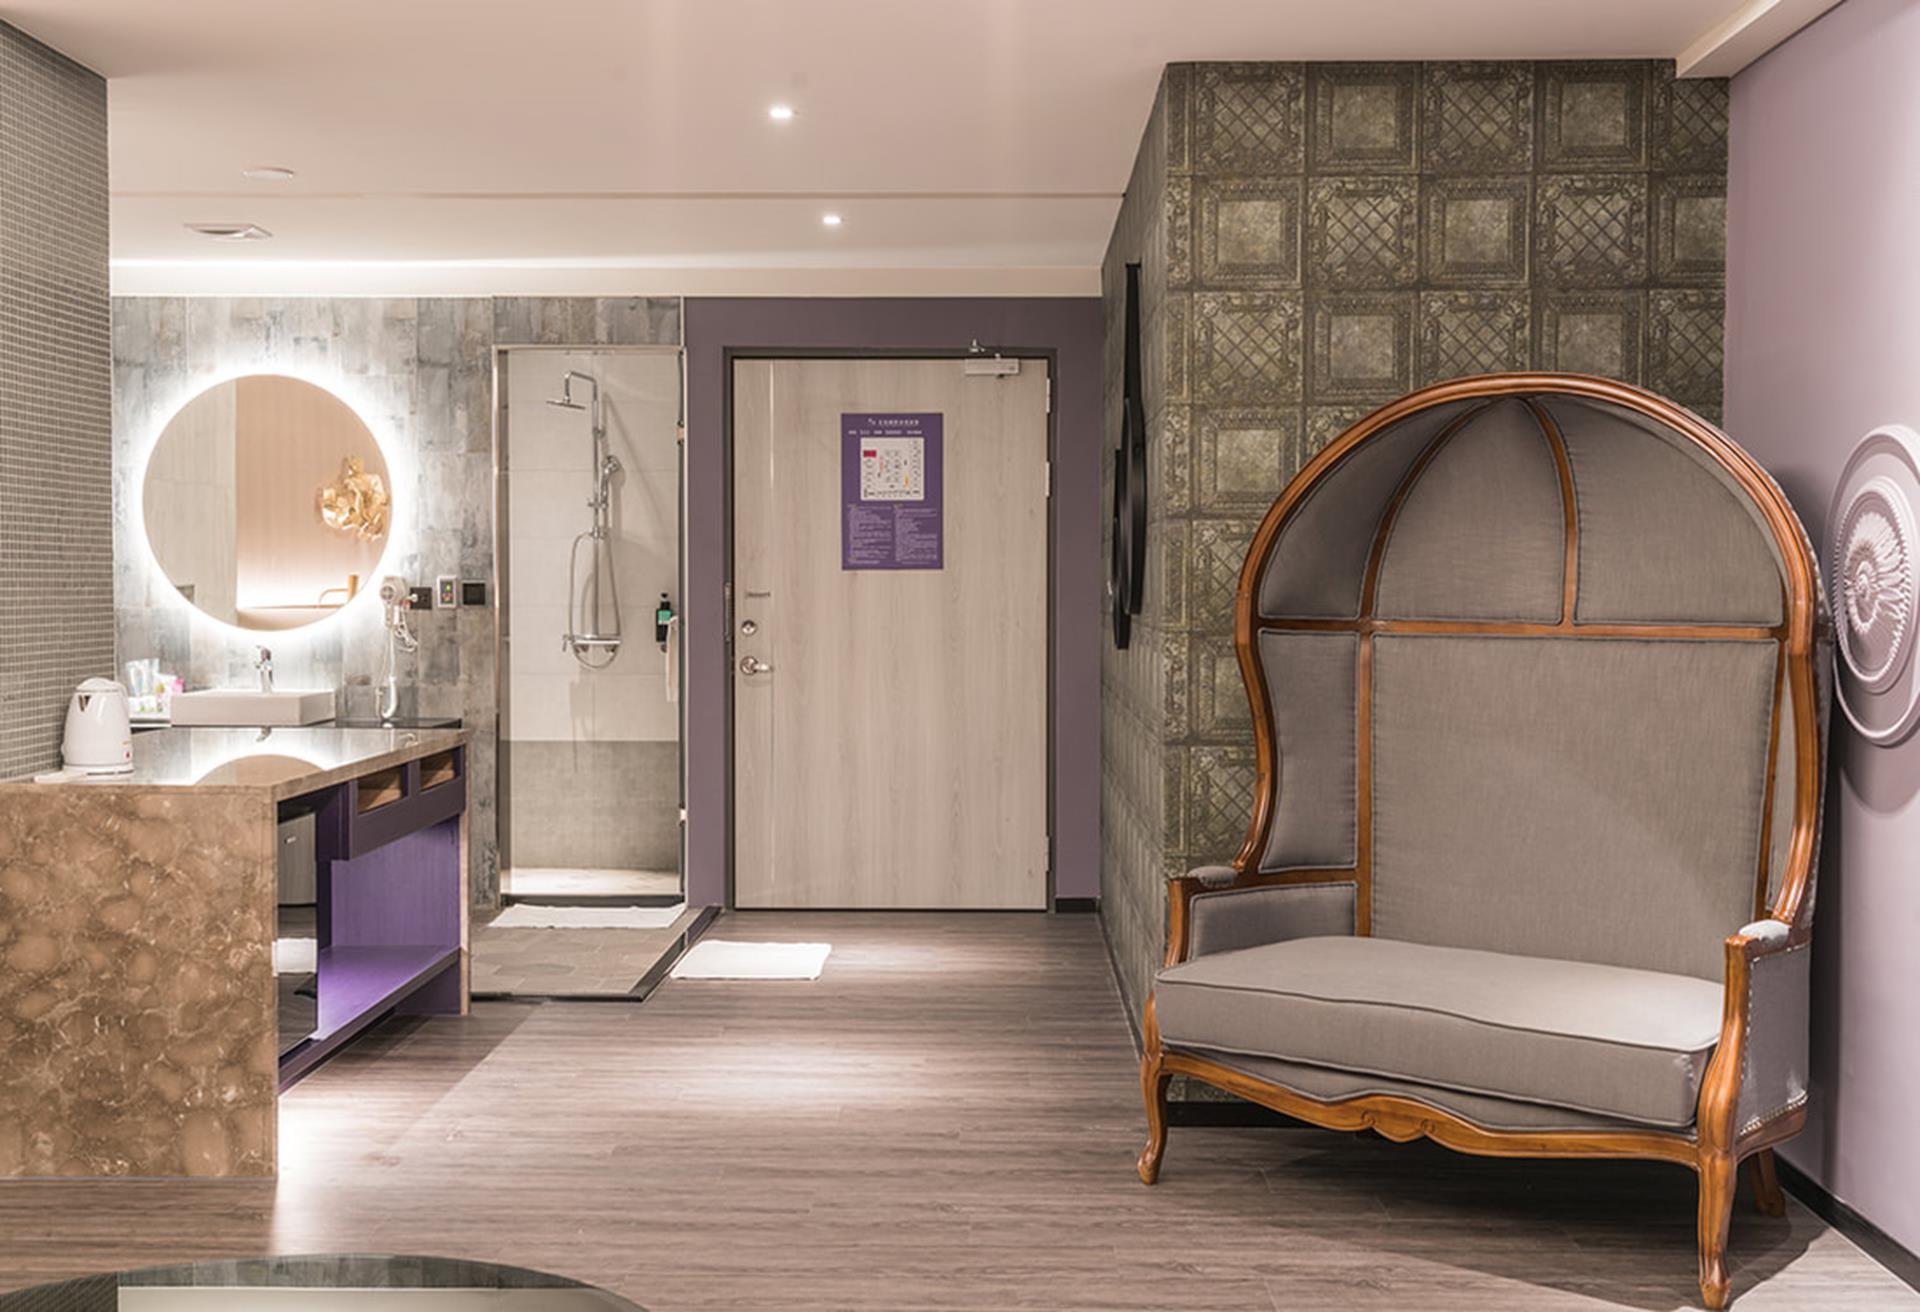 台南汽車旅館推薦 - 沐雲頂國際商旅旅館有適合多人開趴共度情人節的VIP房